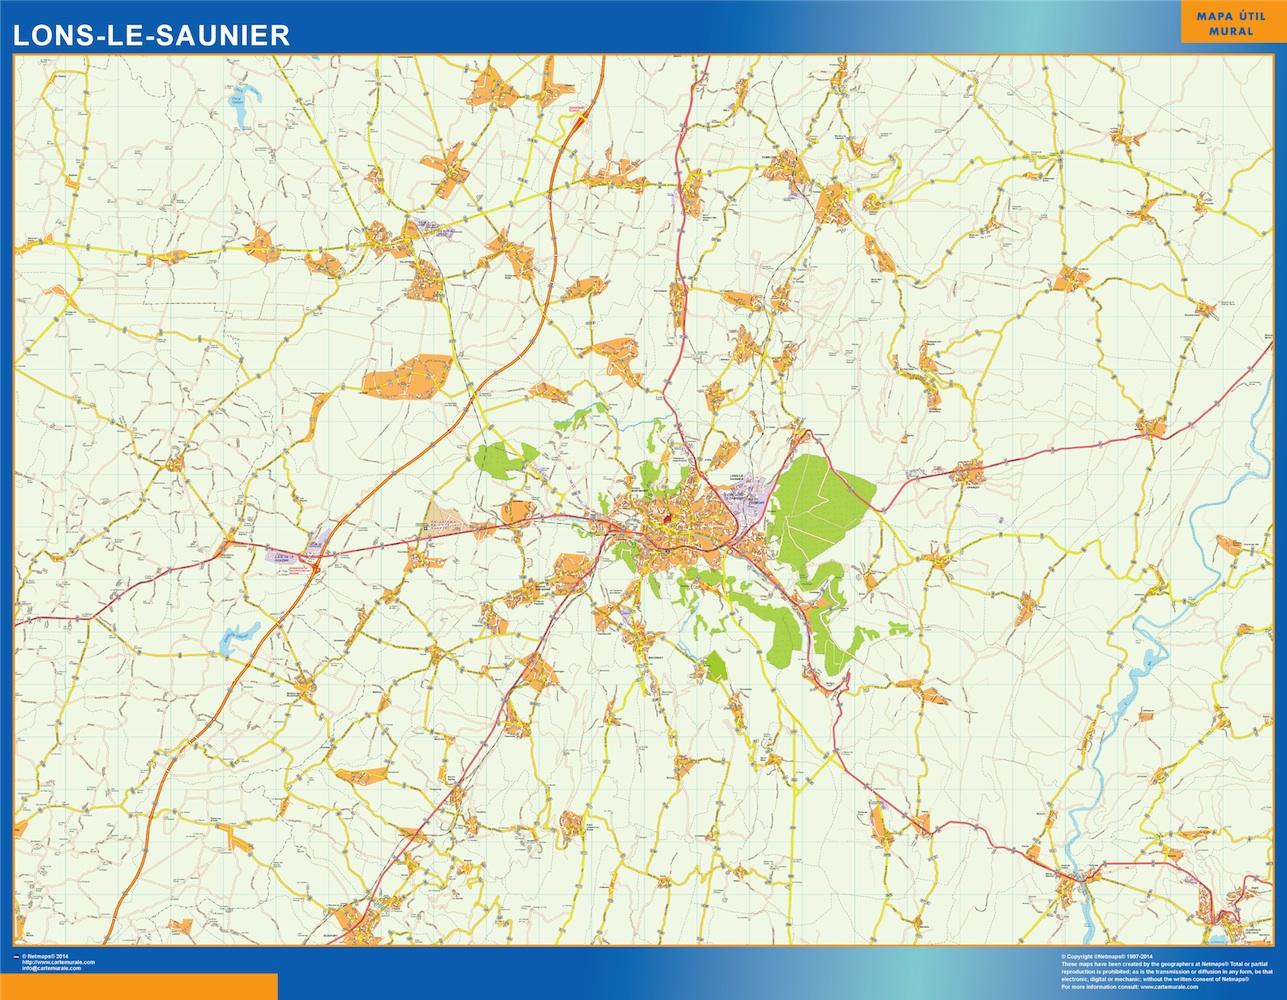 lons-le-saunier street map